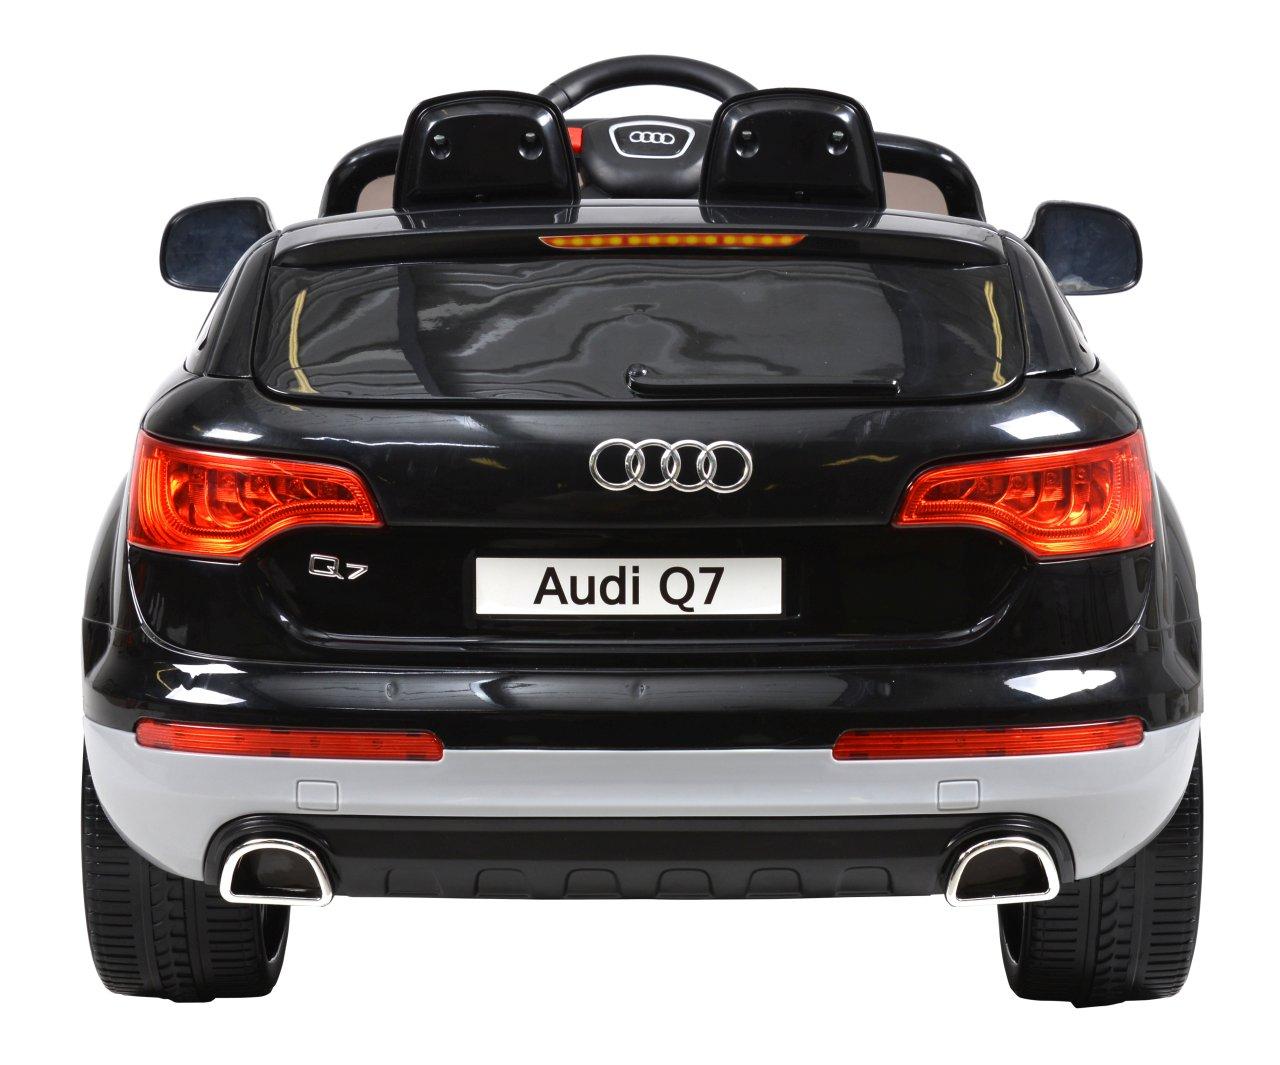 AUDI Q7 AU716 - black